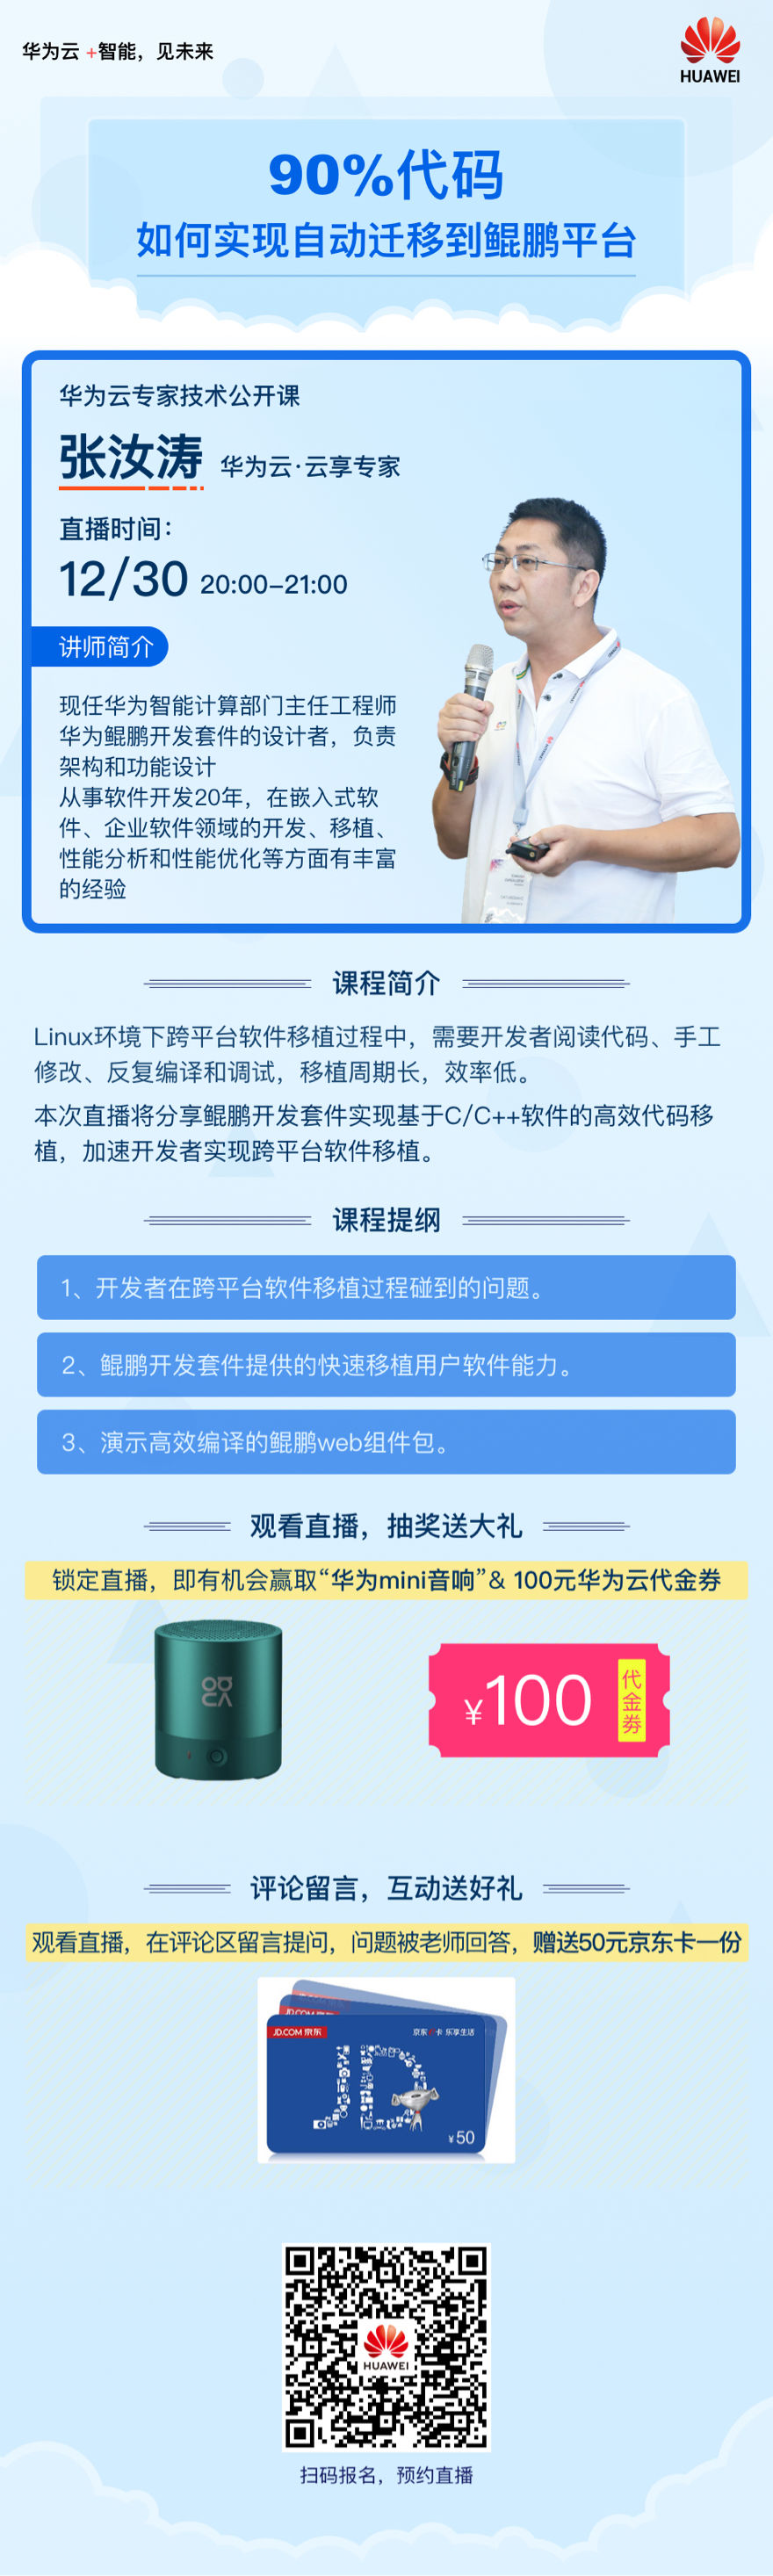 专家技术公开课第10期-张汝涛老师-新.jpg